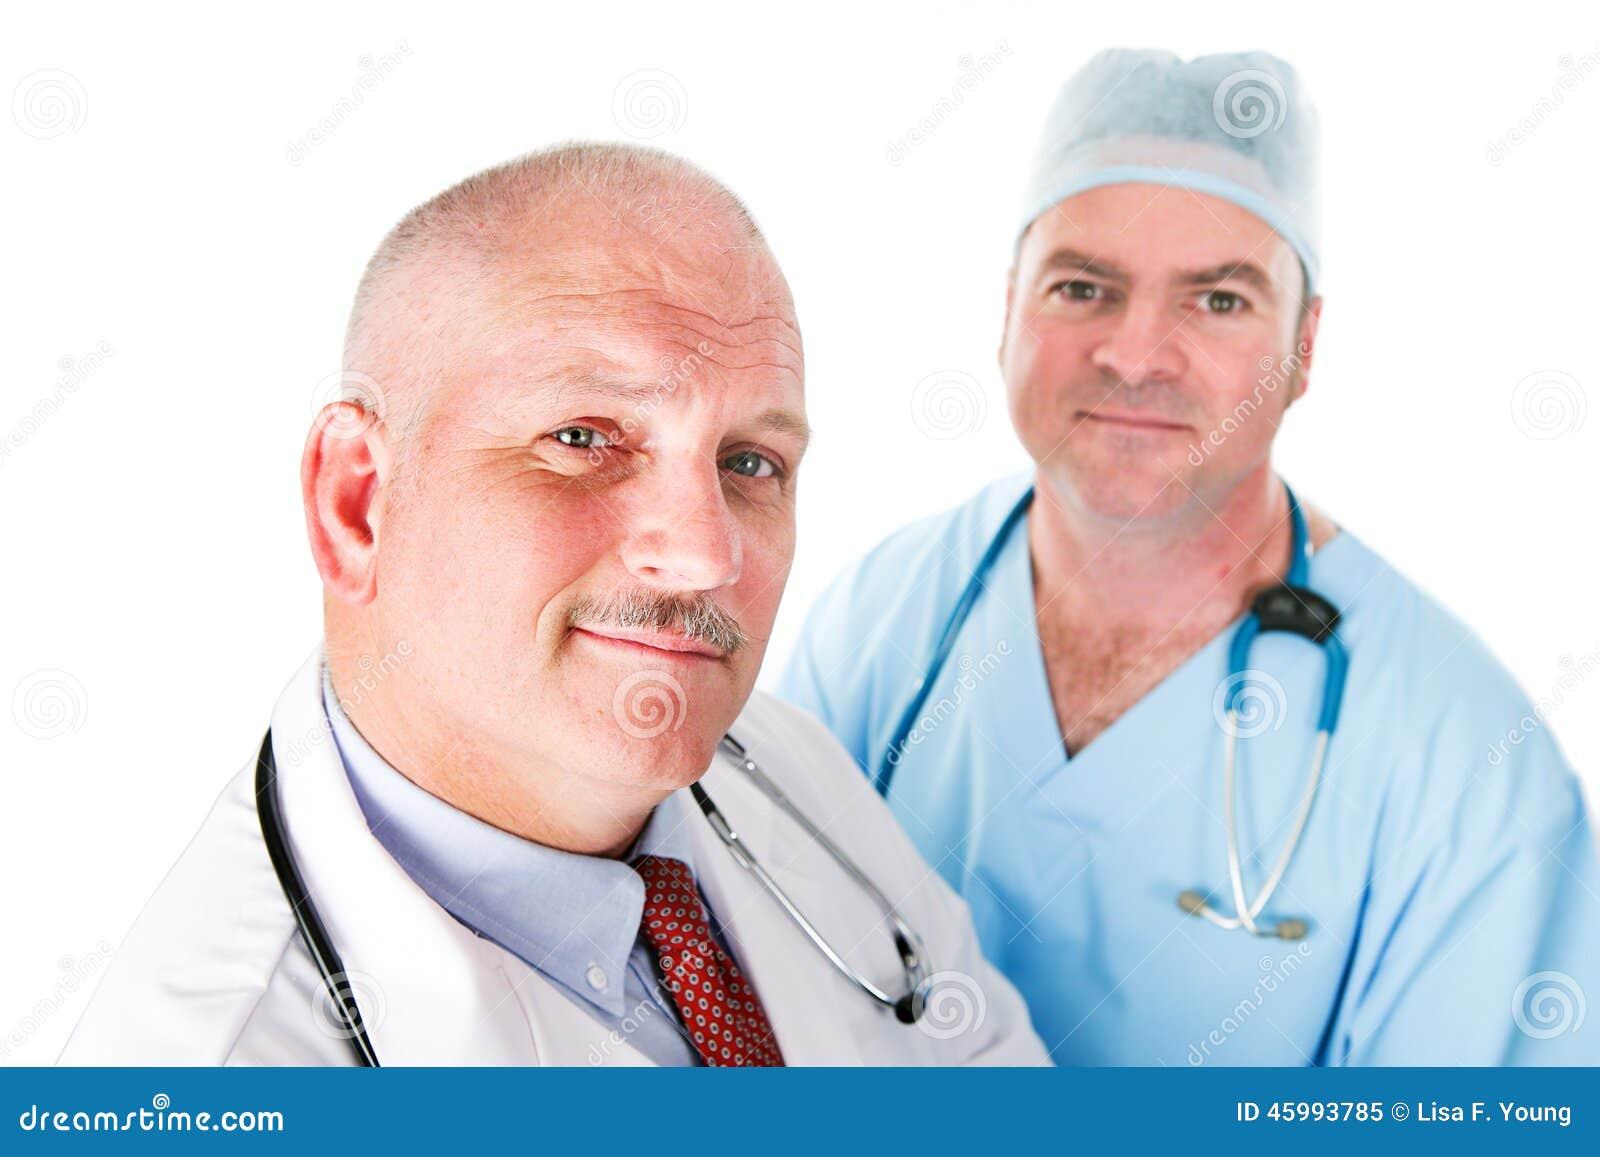 Equipa médica de doutores